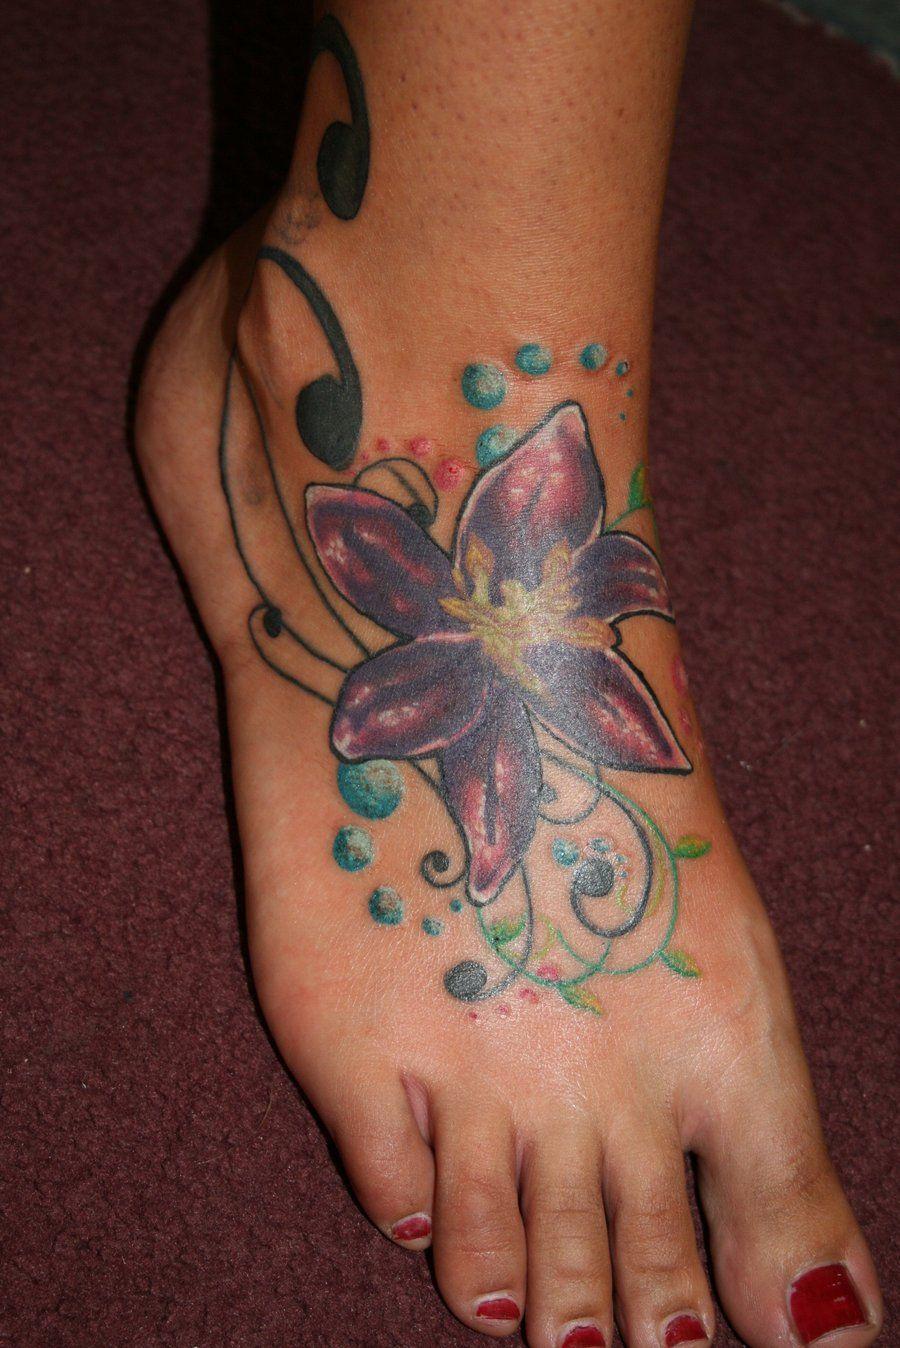 awesome tattoos Hot Tattoo on Men 25+ AweInspiring